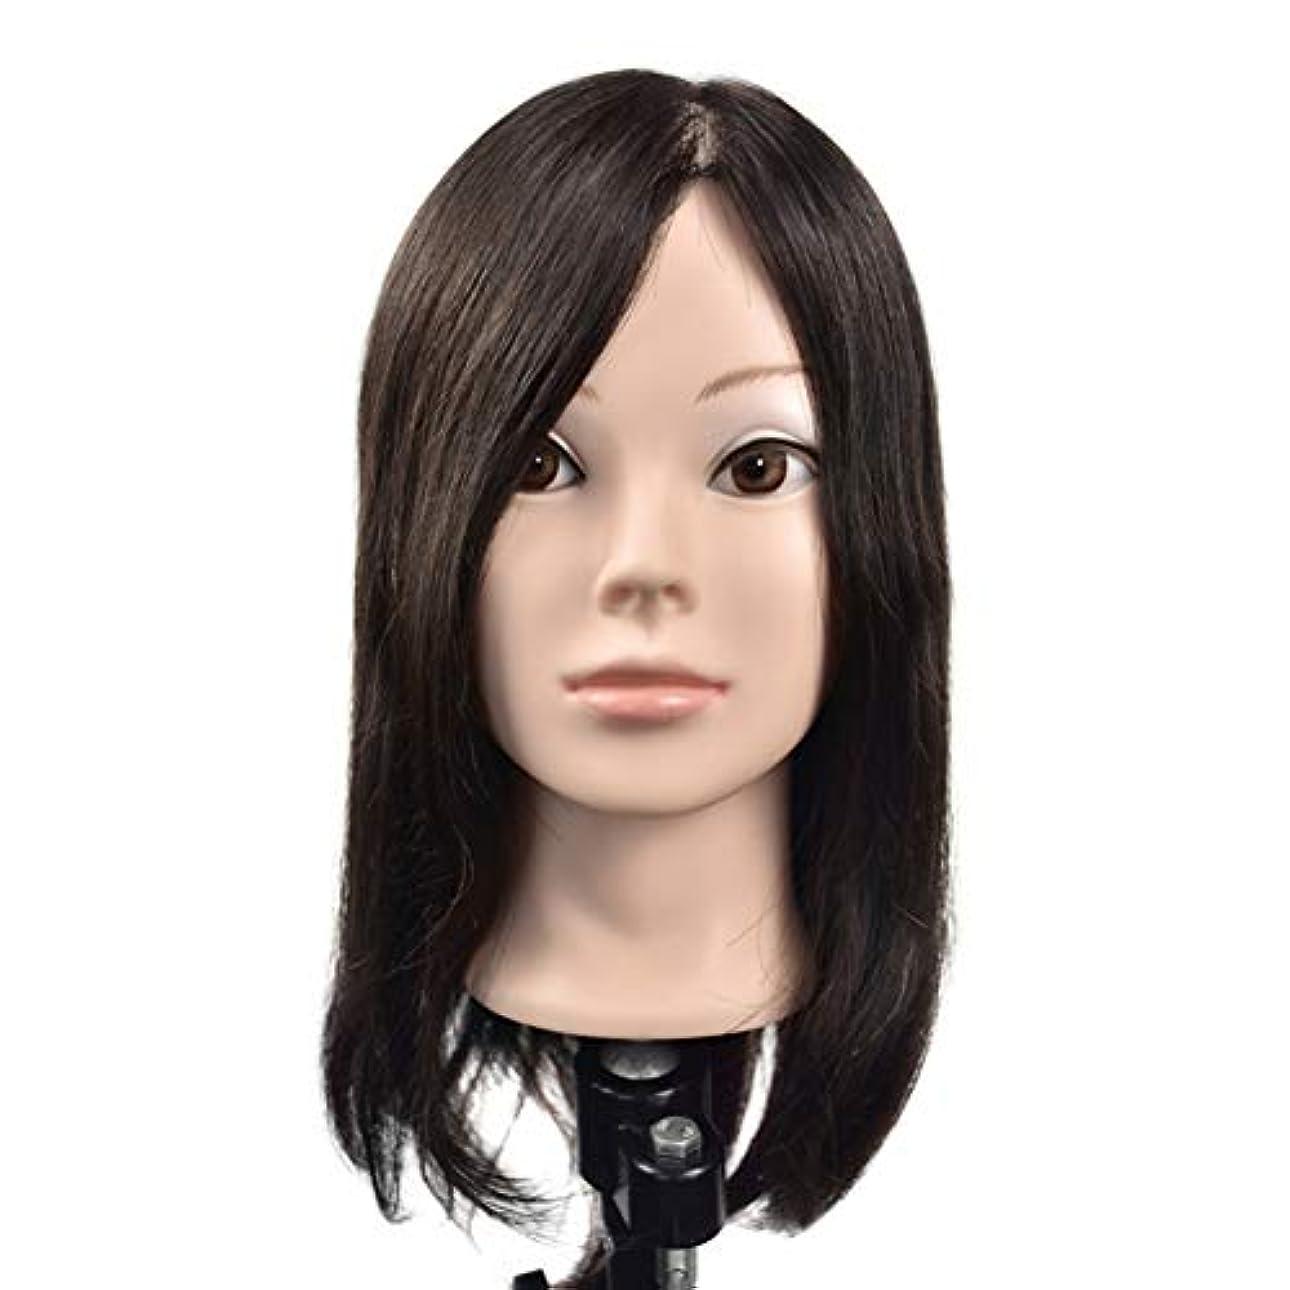 酔ったインスタンス消毒剤リアルヘアースタイリングモデルヘッド女性モデル頭ティーチングヘッド理髪店編組髪染め学習ダミーヘッド